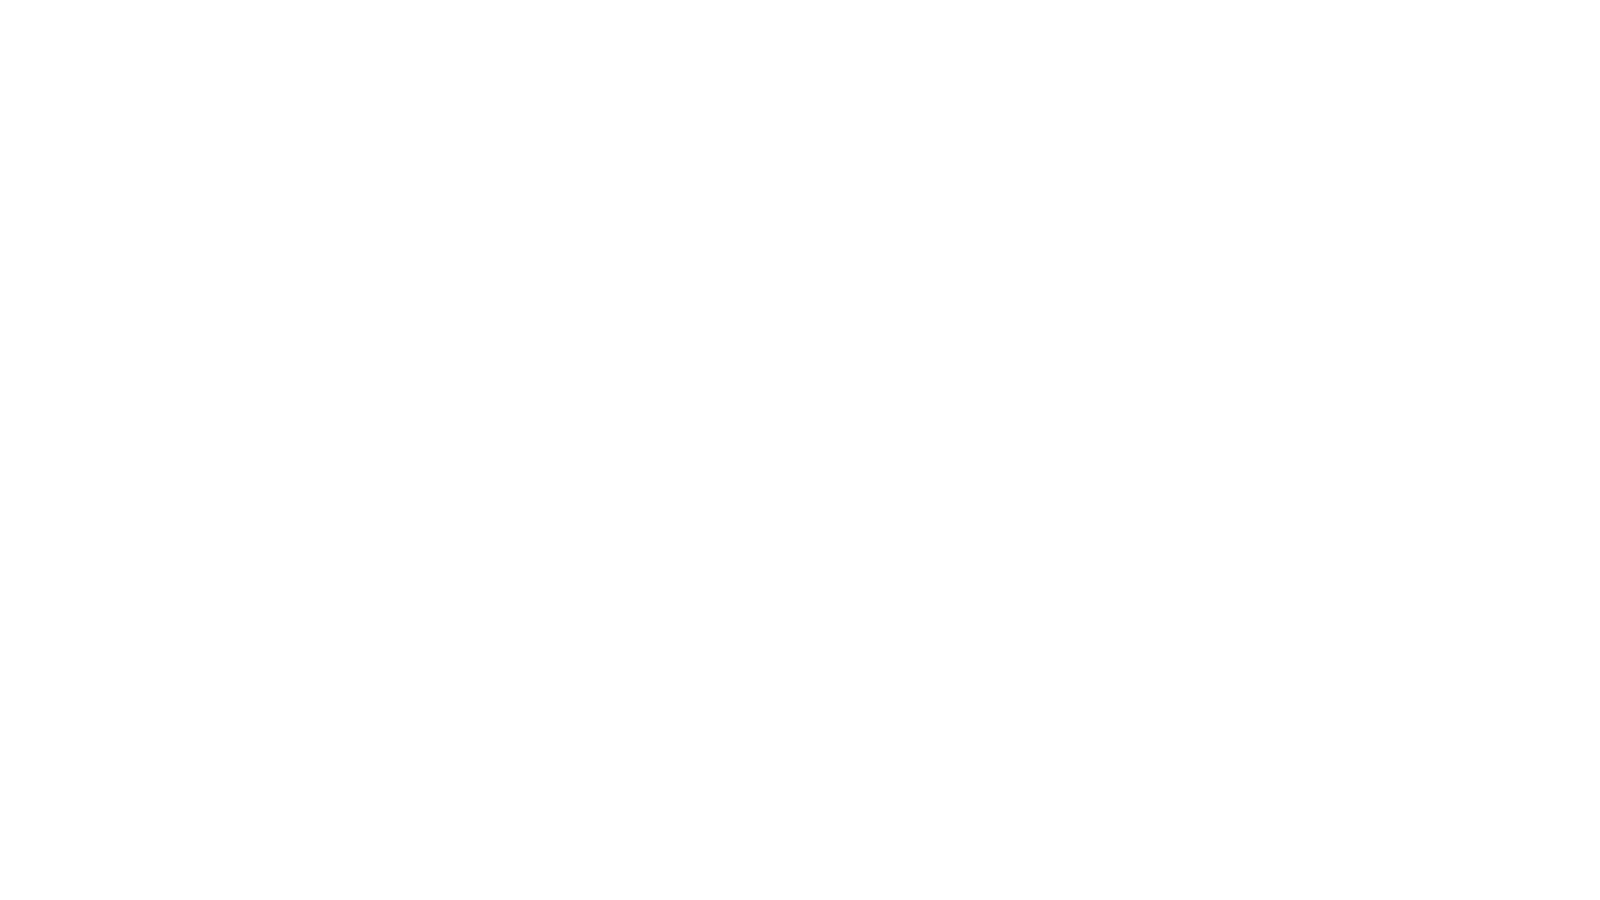 Велопоход по дорогам Крыма в мае 2019 года.